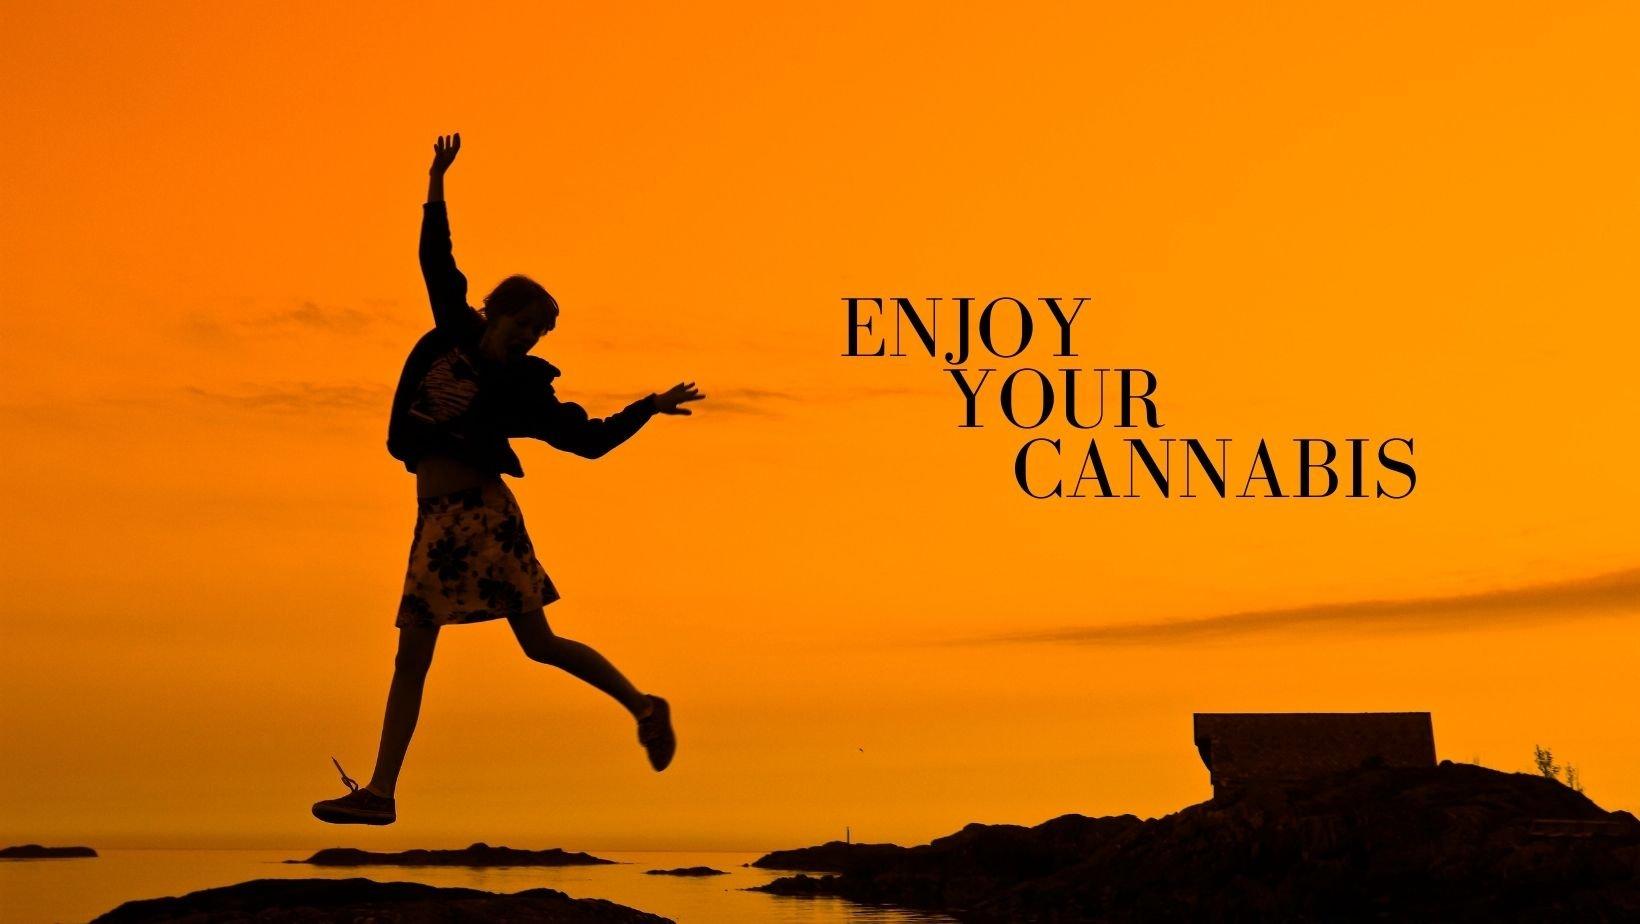 5 Best Ways to Enjoy Cannabis